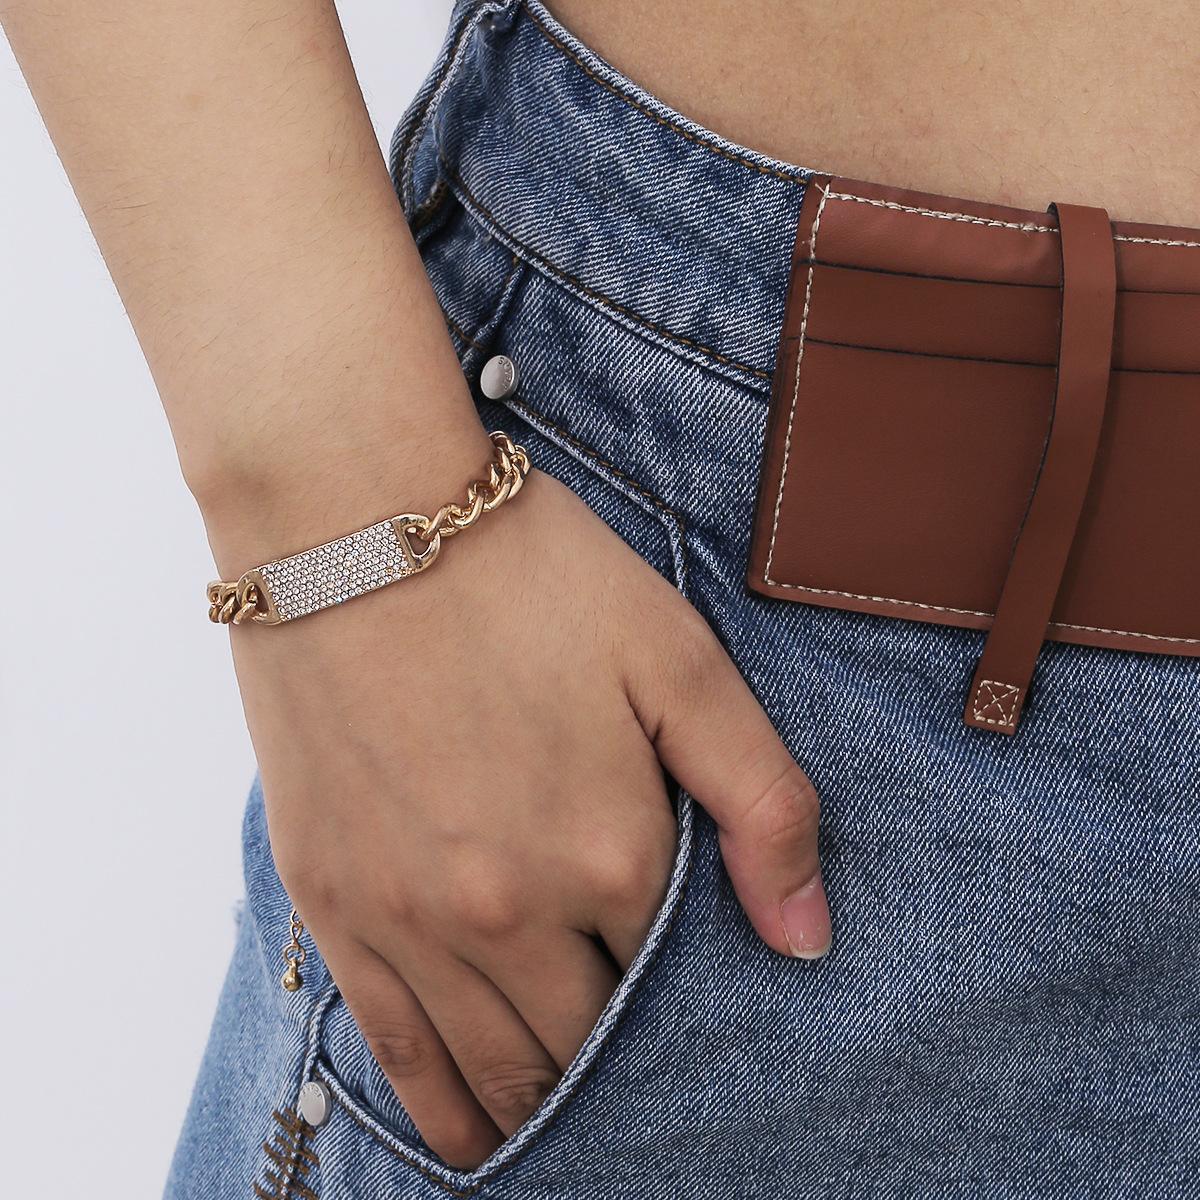 Женщины моды браслеты Rhinestone Алмазы Минимализм Vintage Punk Толстые цепи кулон звено цепи браслет шарма Ювелирные подарки аксессуары